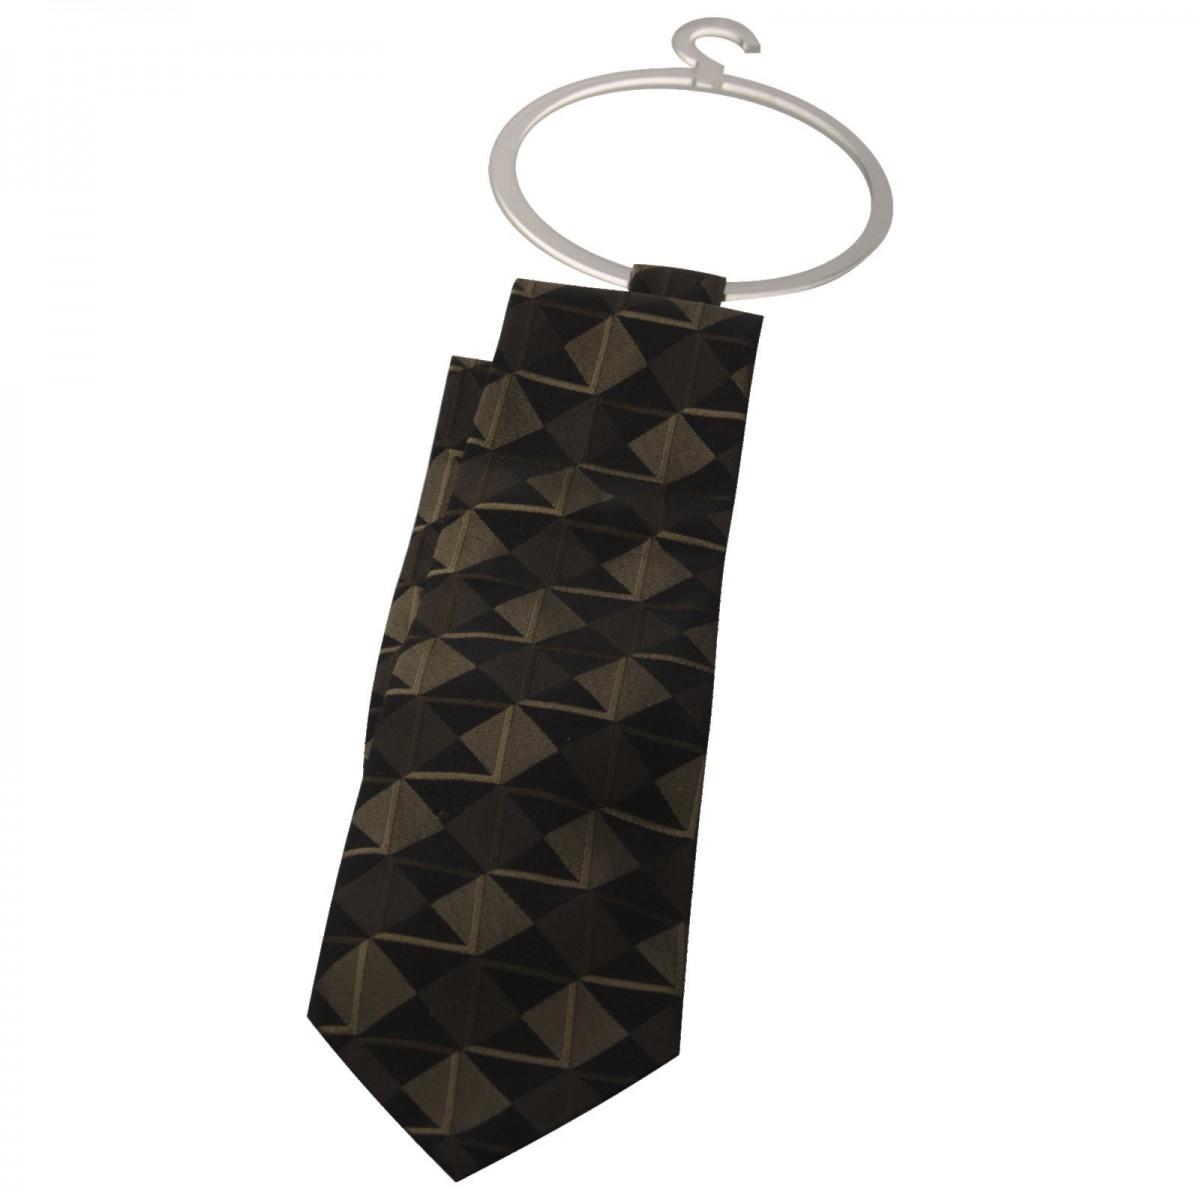 E-303 EPC-A - Porta cravatte e foulard in plexiglass trasparente - Misure 13.5 x H17 cm